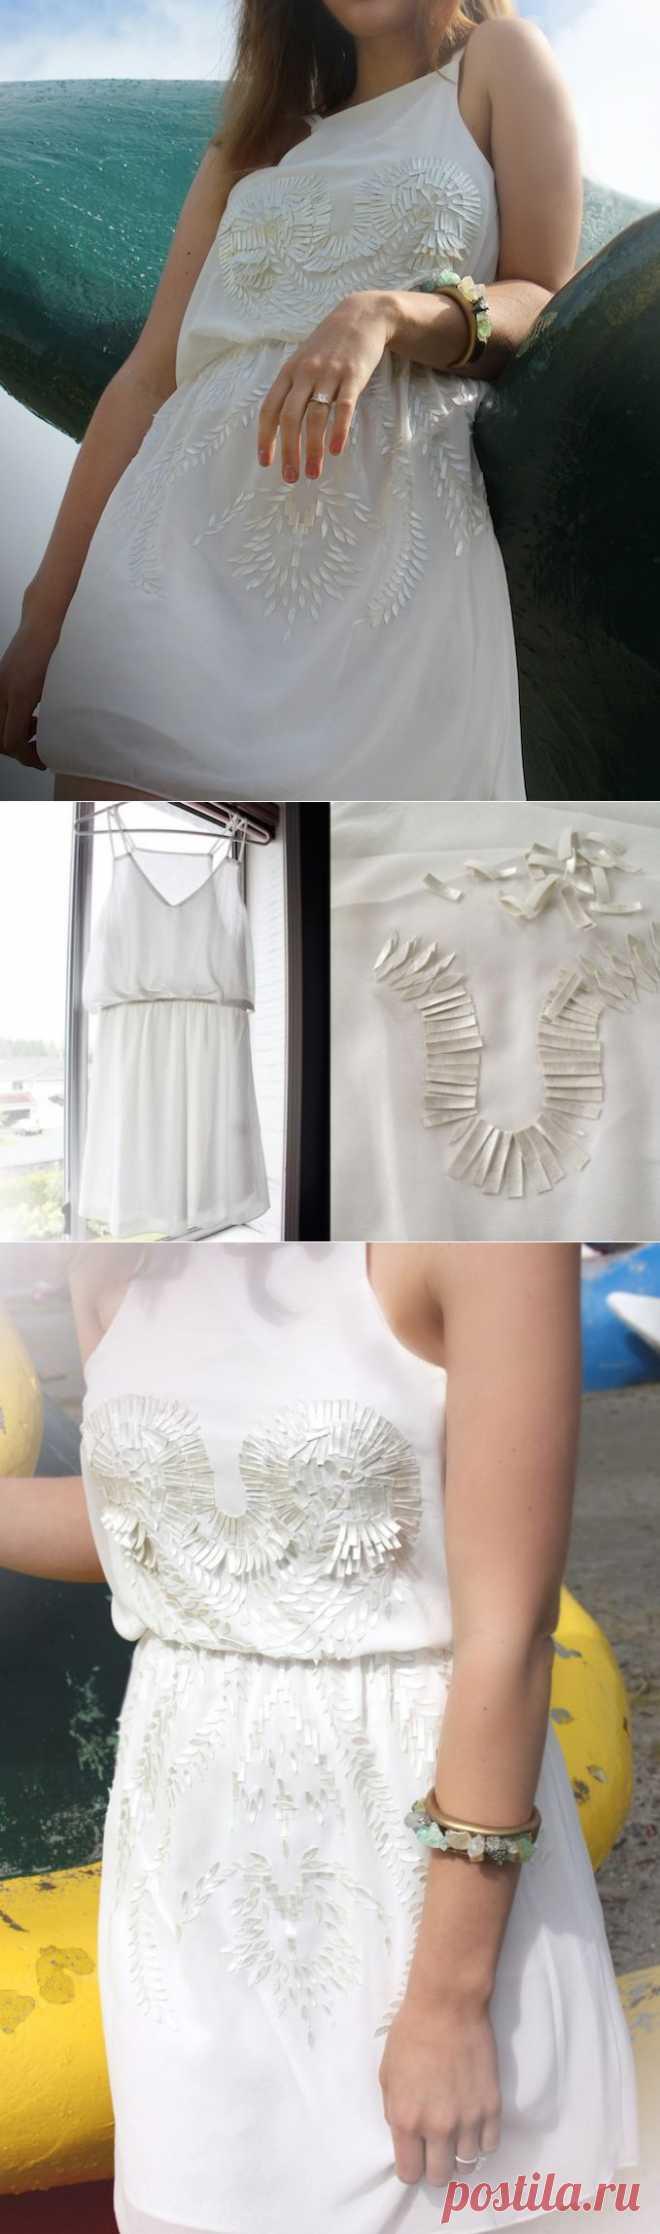 Необычный декор нарядного платья (DiY) / Декор / Модный сайт о стильной переделке одежды и интерьера